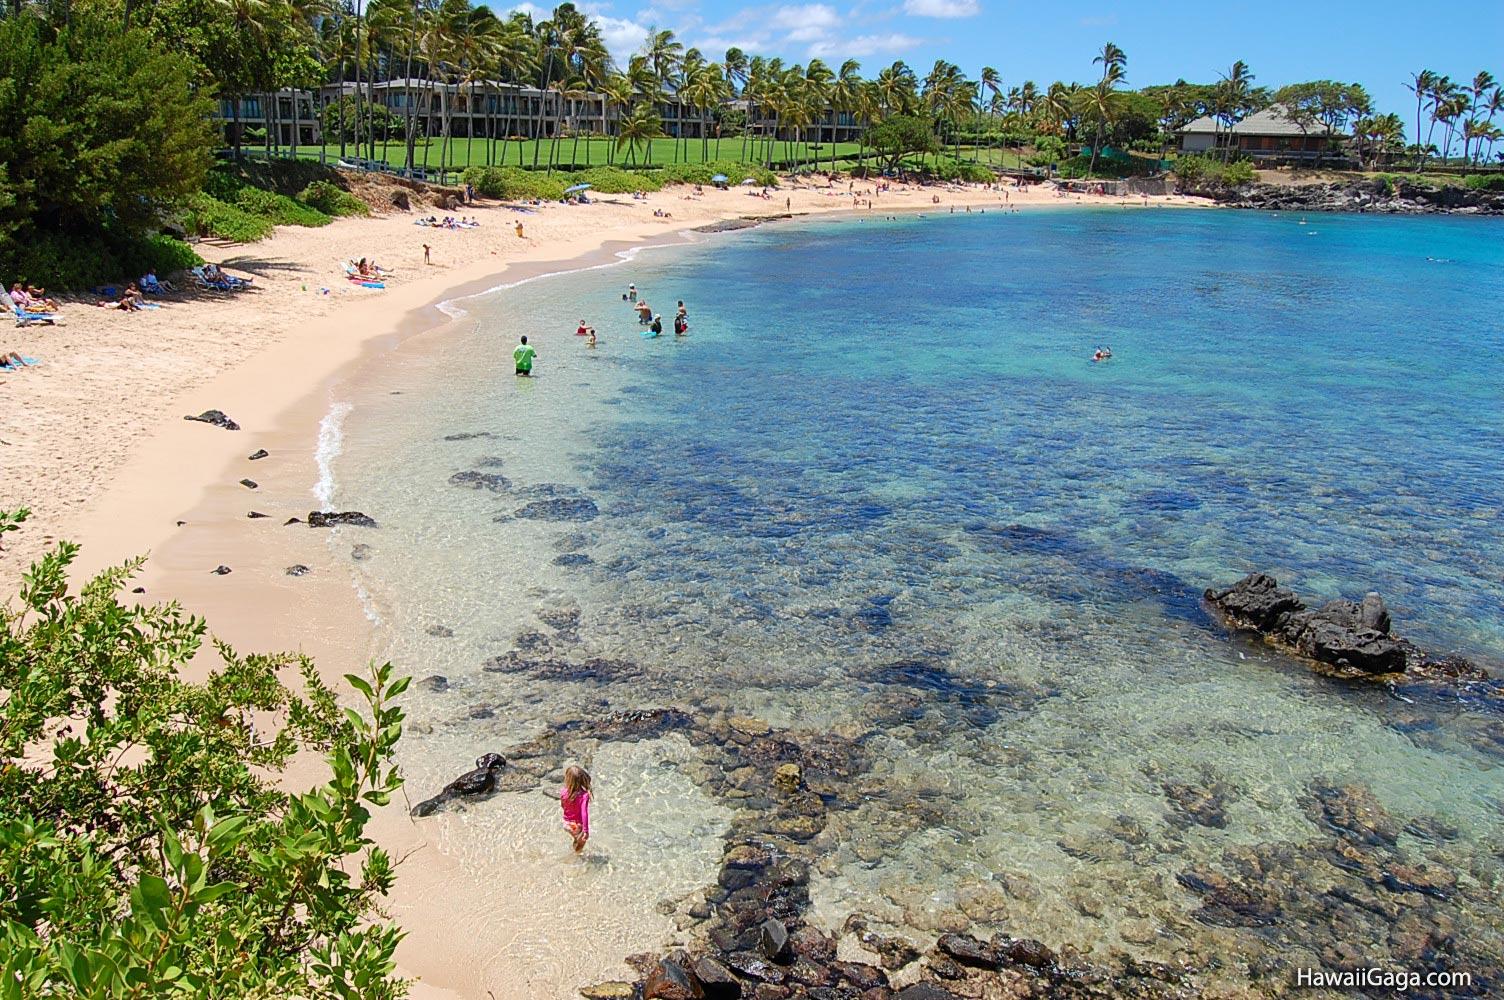 kapalua maui hawaii